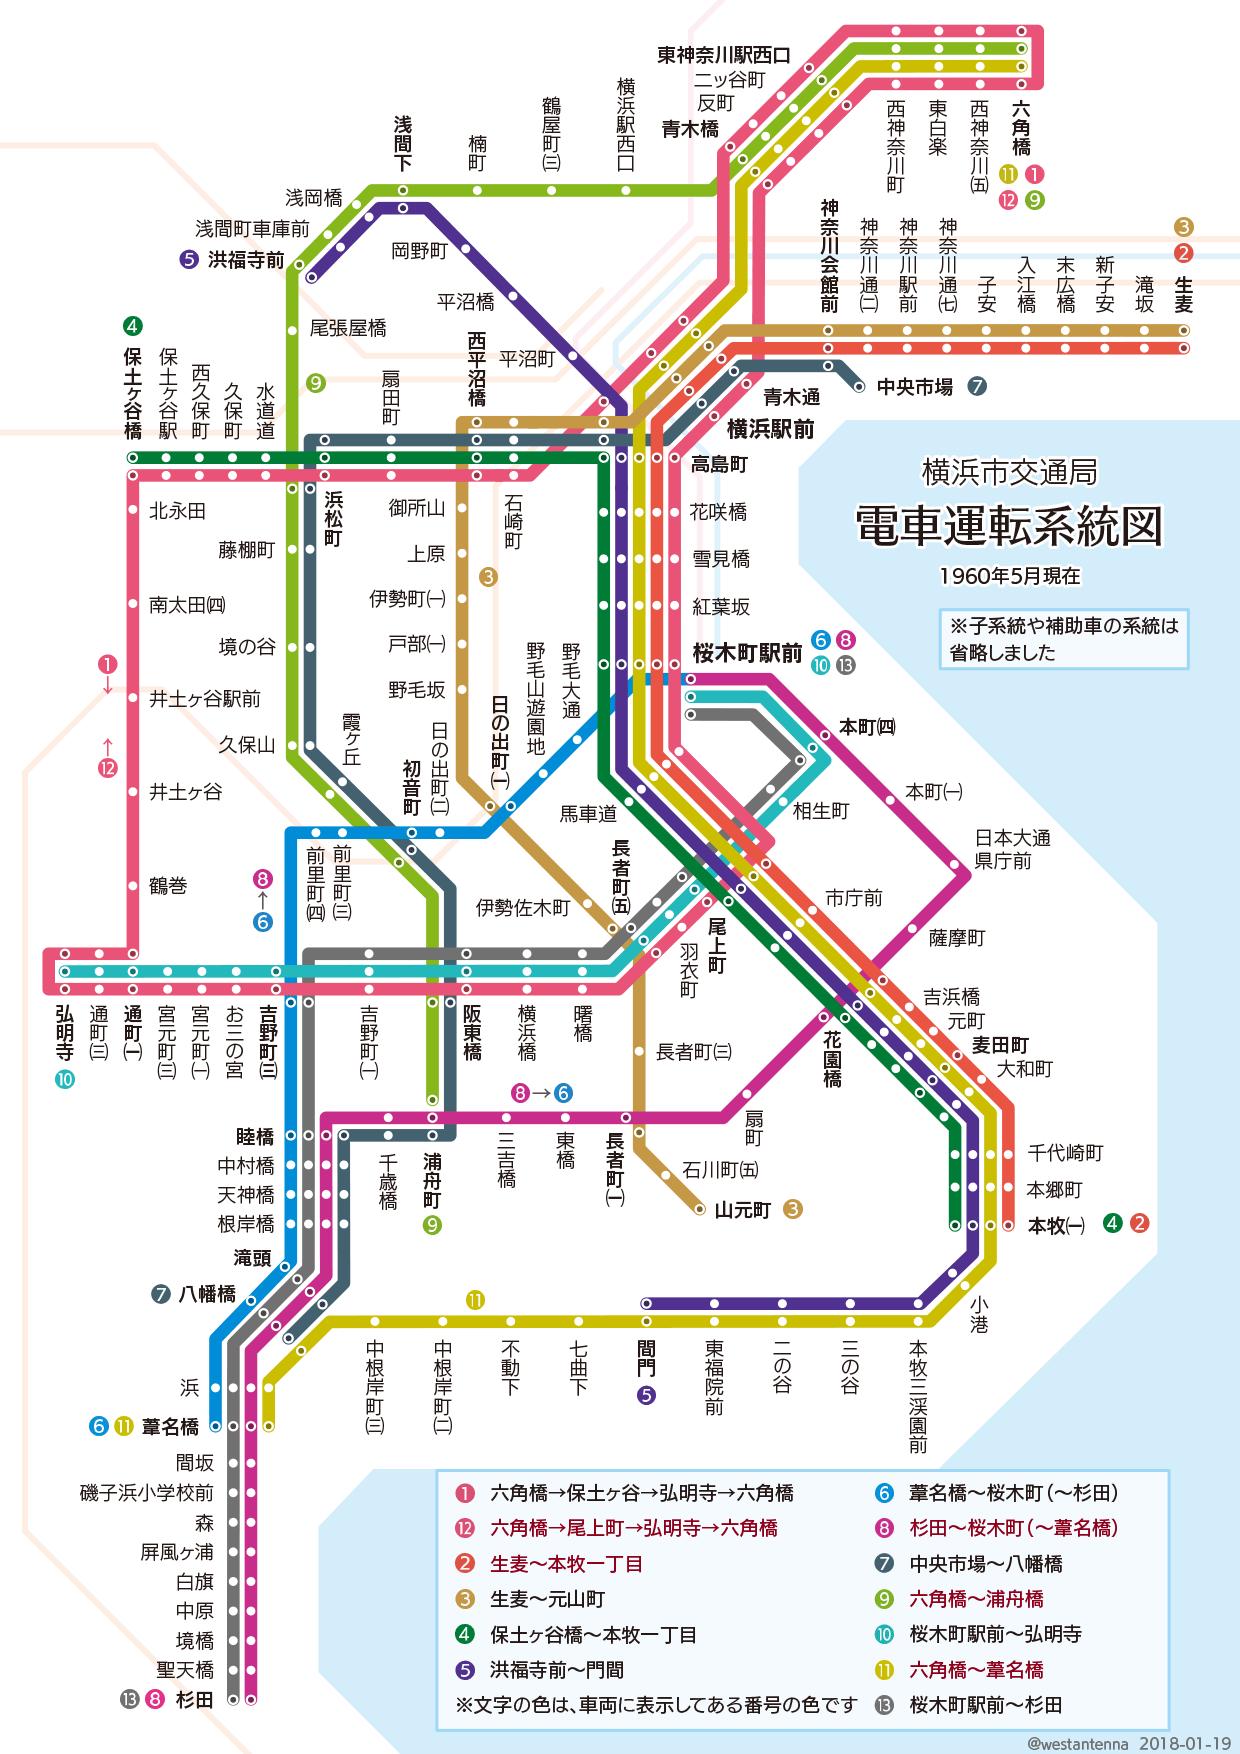 横浜 線 路線 図 JR 横浜線 路線図